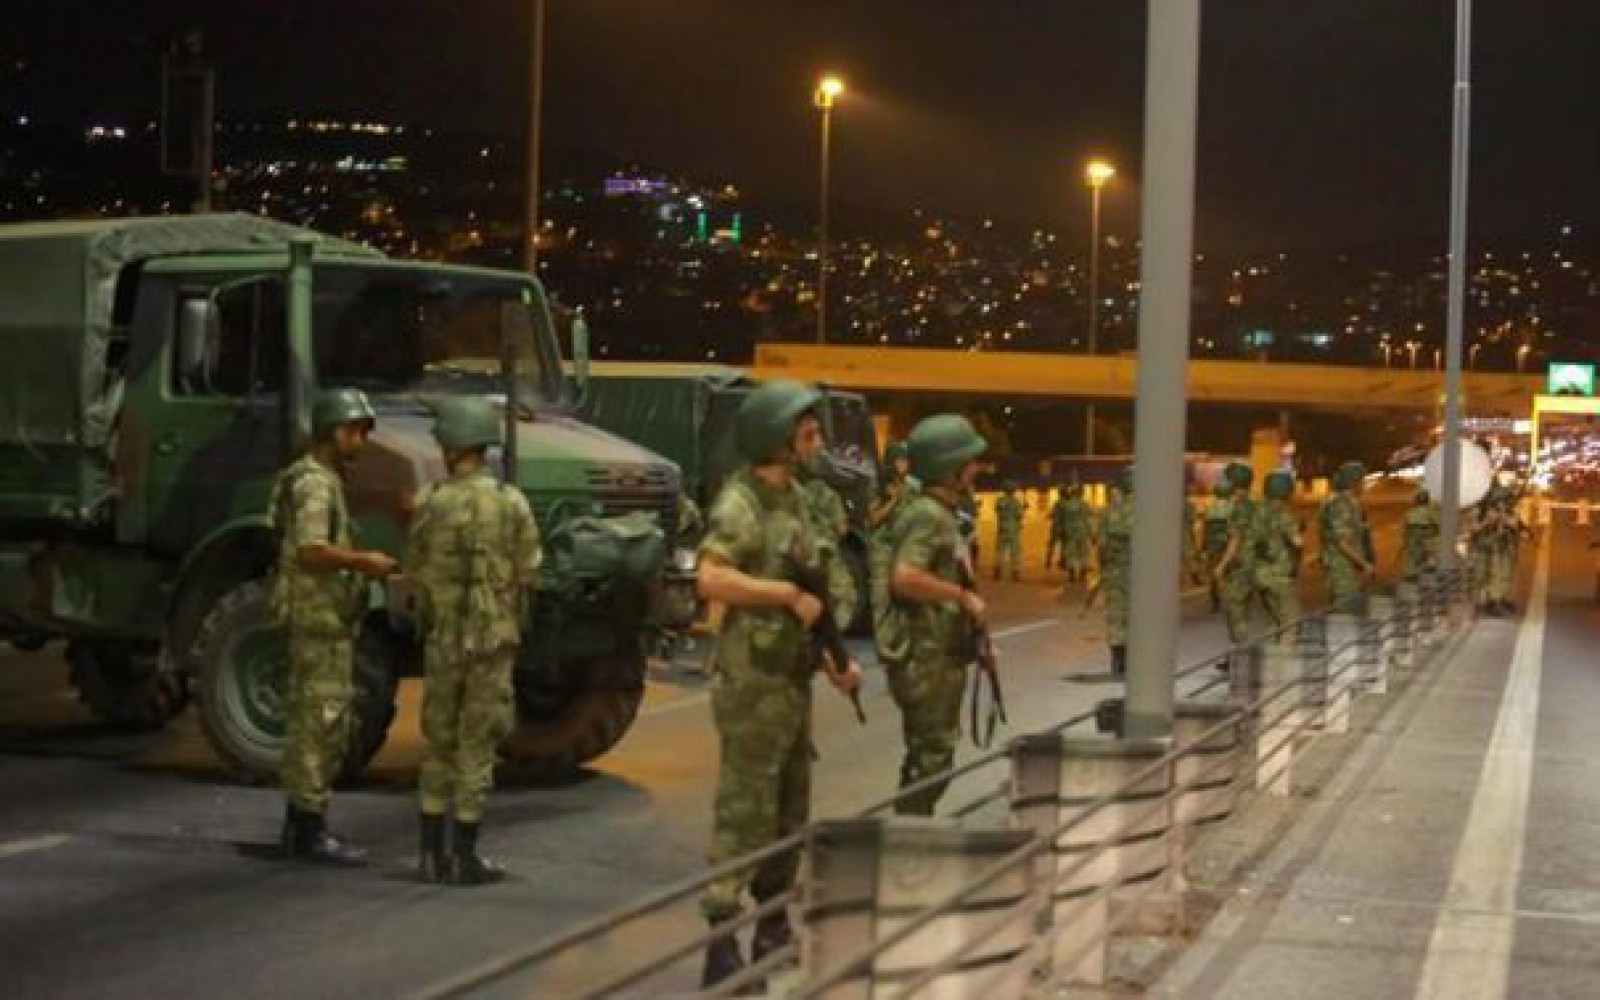 Poliţia turcă a reţinut 31 de persoane suspectate de legături cu organizaţia Stat Islamic